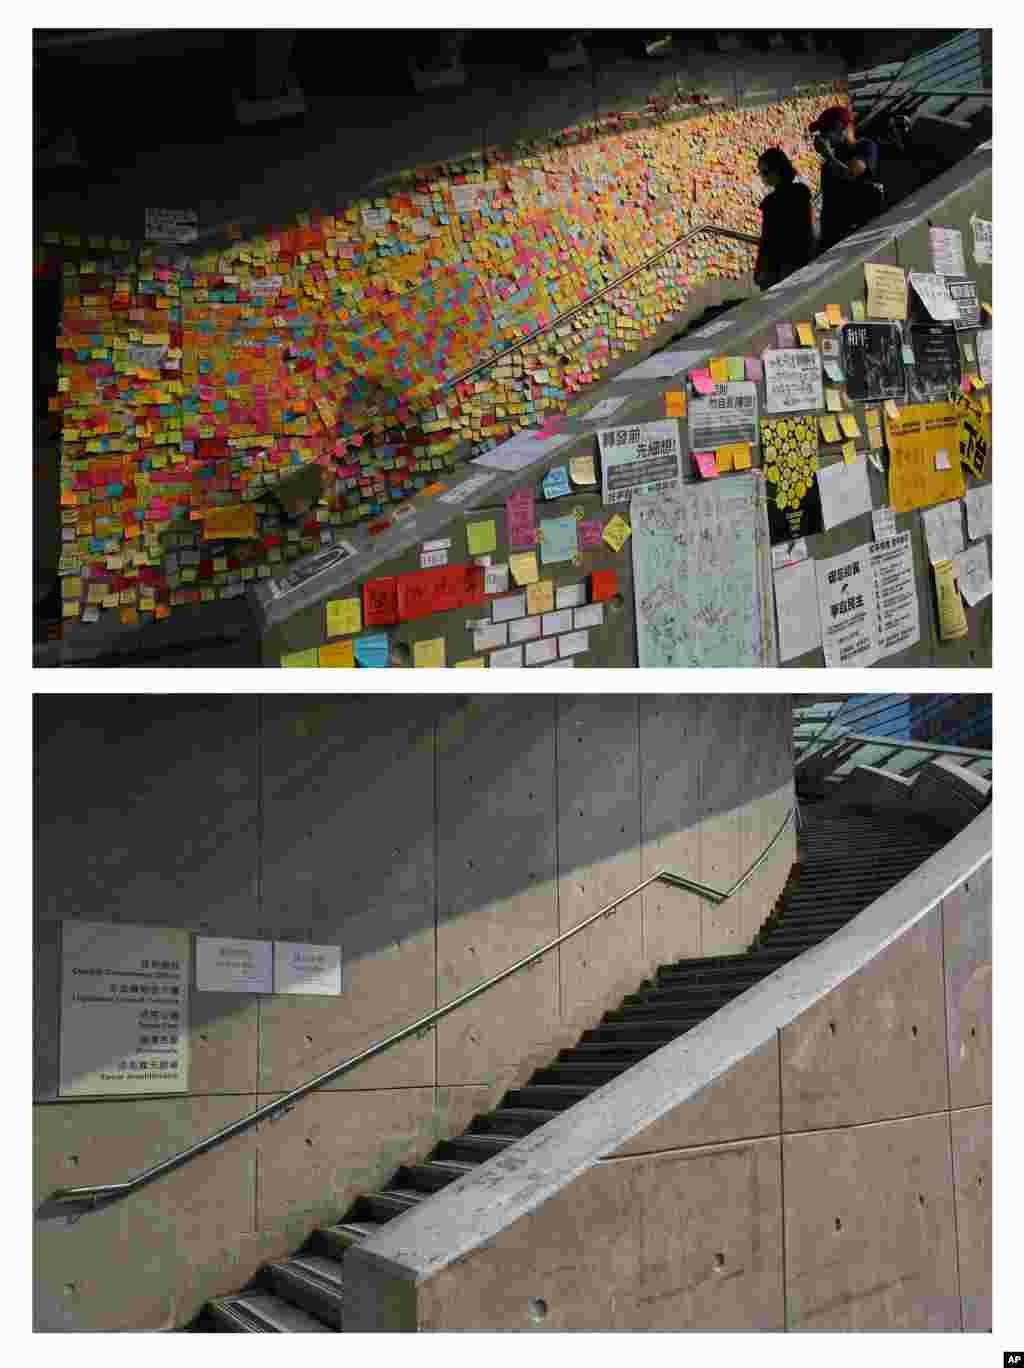 Dinding kompleks pemerintahan yang berisi pesan-pesan anti-pemerintah di tengah protes Umbrella Movement di Hong Kong tanggal 3 Oktober 2014 (foto atas) dan di gedung yang sama hampir setahun kemudian, 26 September 2015 (bawah). (AP/Vincent Yu)